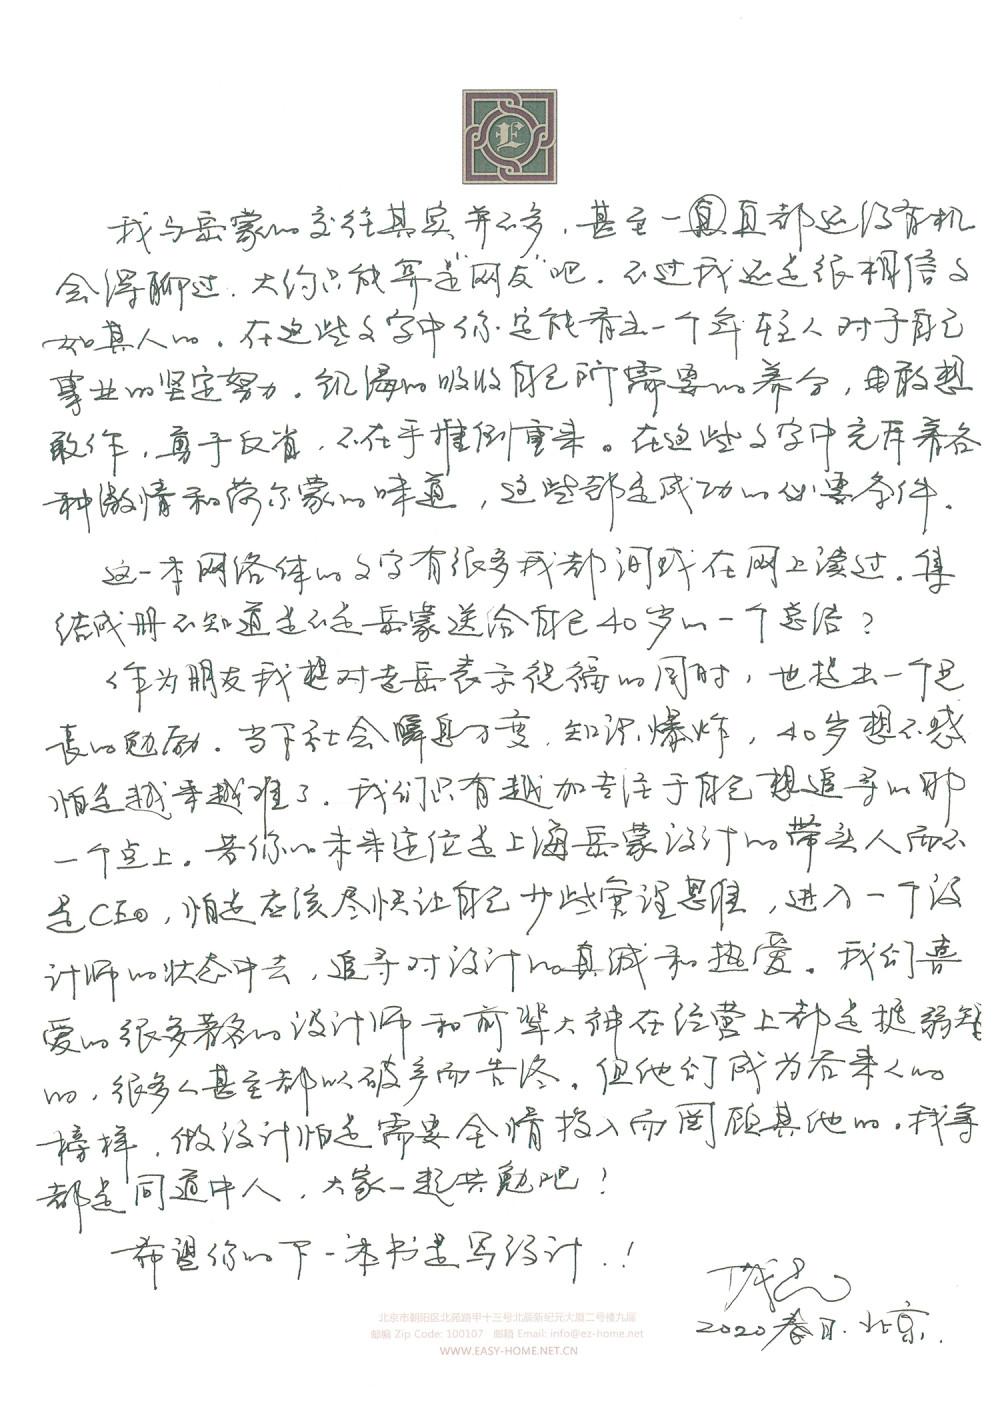 手稿-戴昆序言-2.jpg